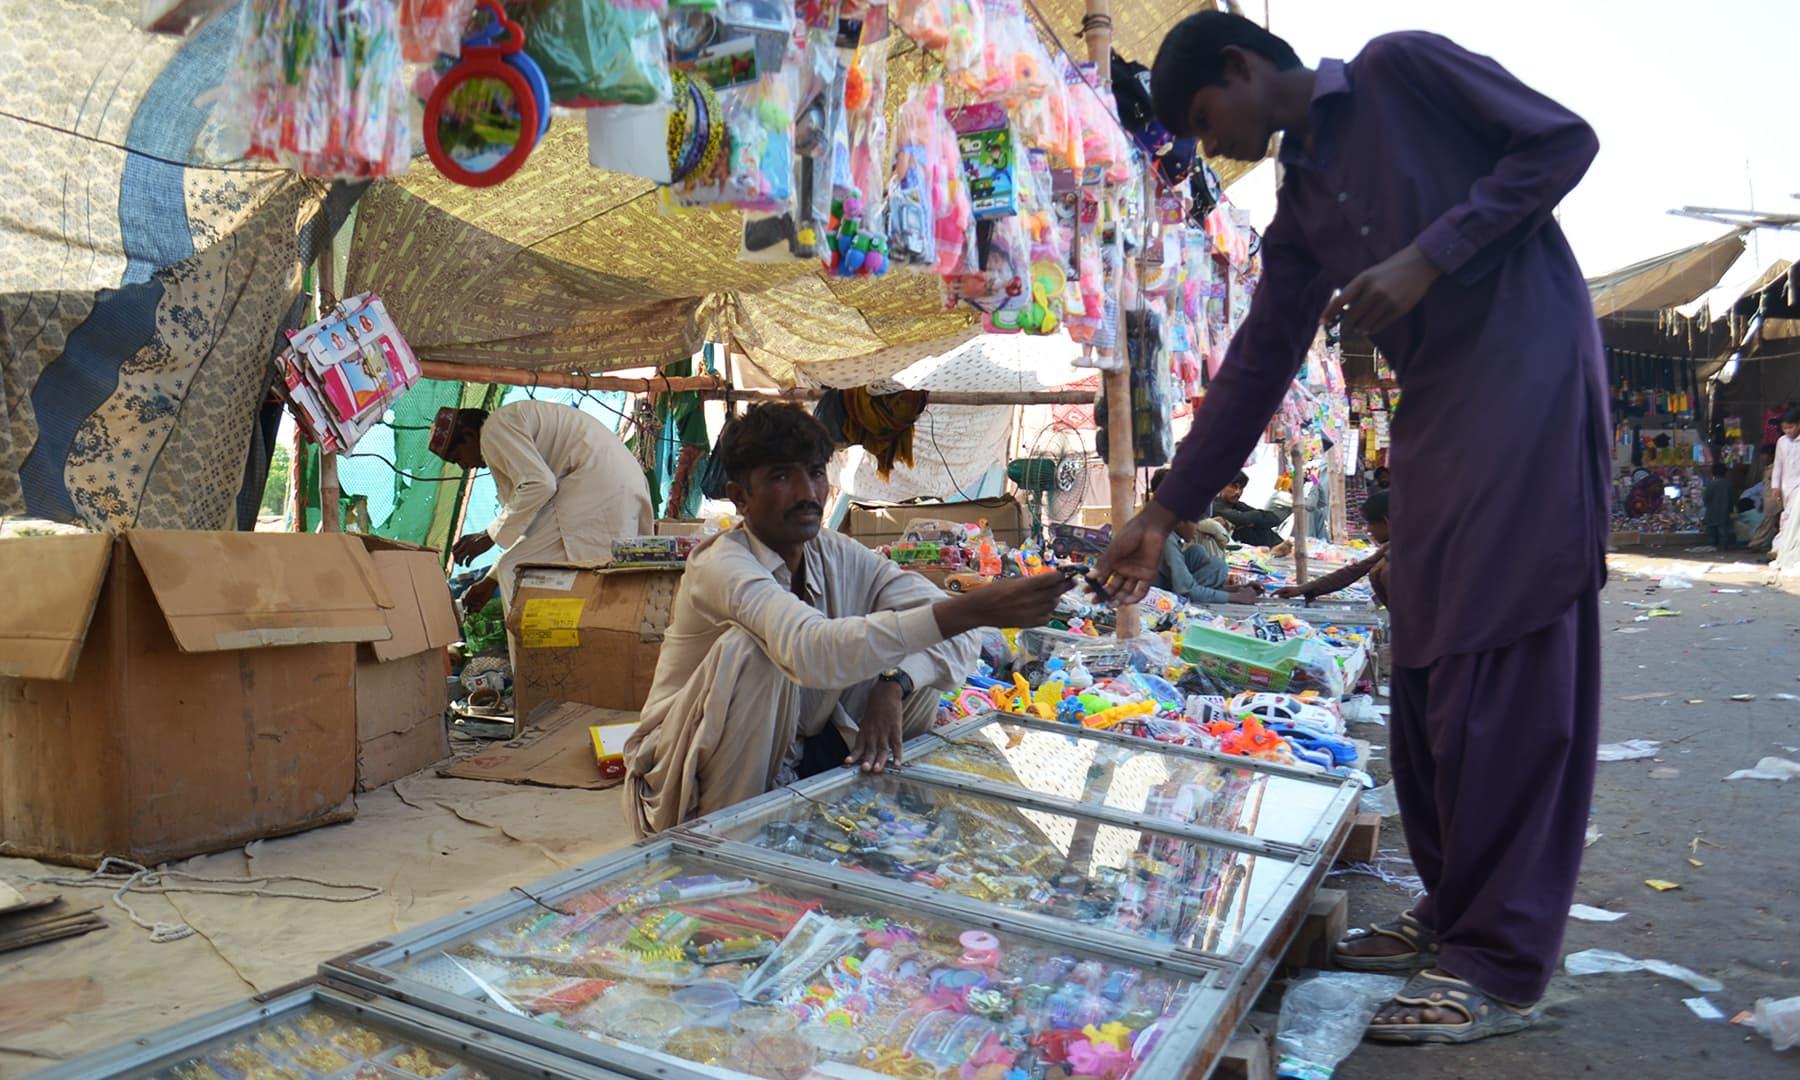 میلے میں آیا ہوا ہر شخص کوئی نہ کوئی ایسی چیز ضرور خریدتا ہے، جو ایک سال تک اُس میلے کی نشانی بنی رہتی ہے—تصویر ابوبکر شیخ